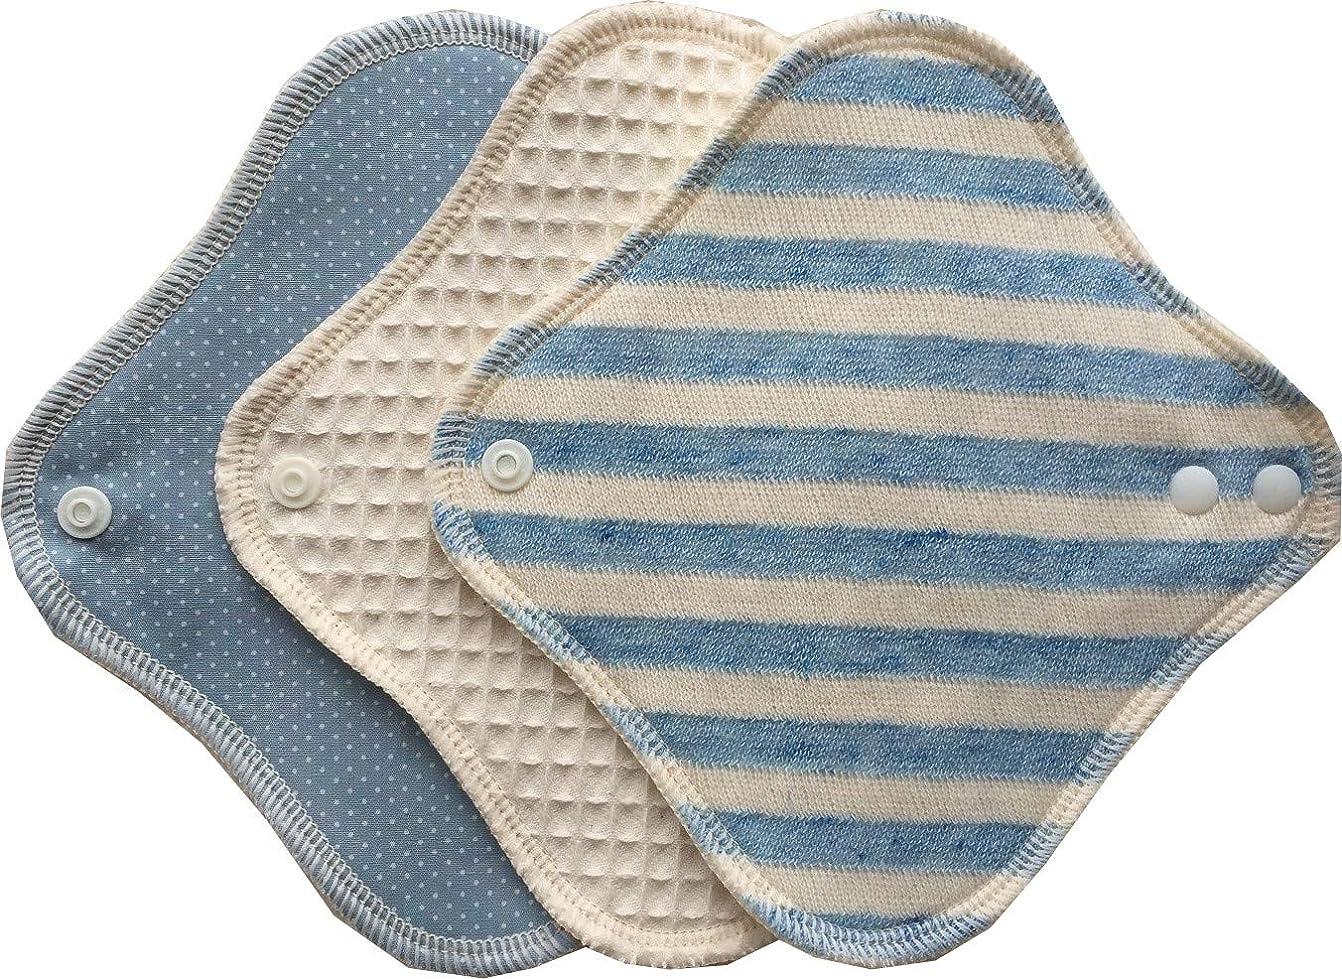 除外する許容(すぃーと?こっとん) sweet cotton 布ナプキン ネルライナー3枚セット 綿100% パンティライナー(スカイマリンセット)…